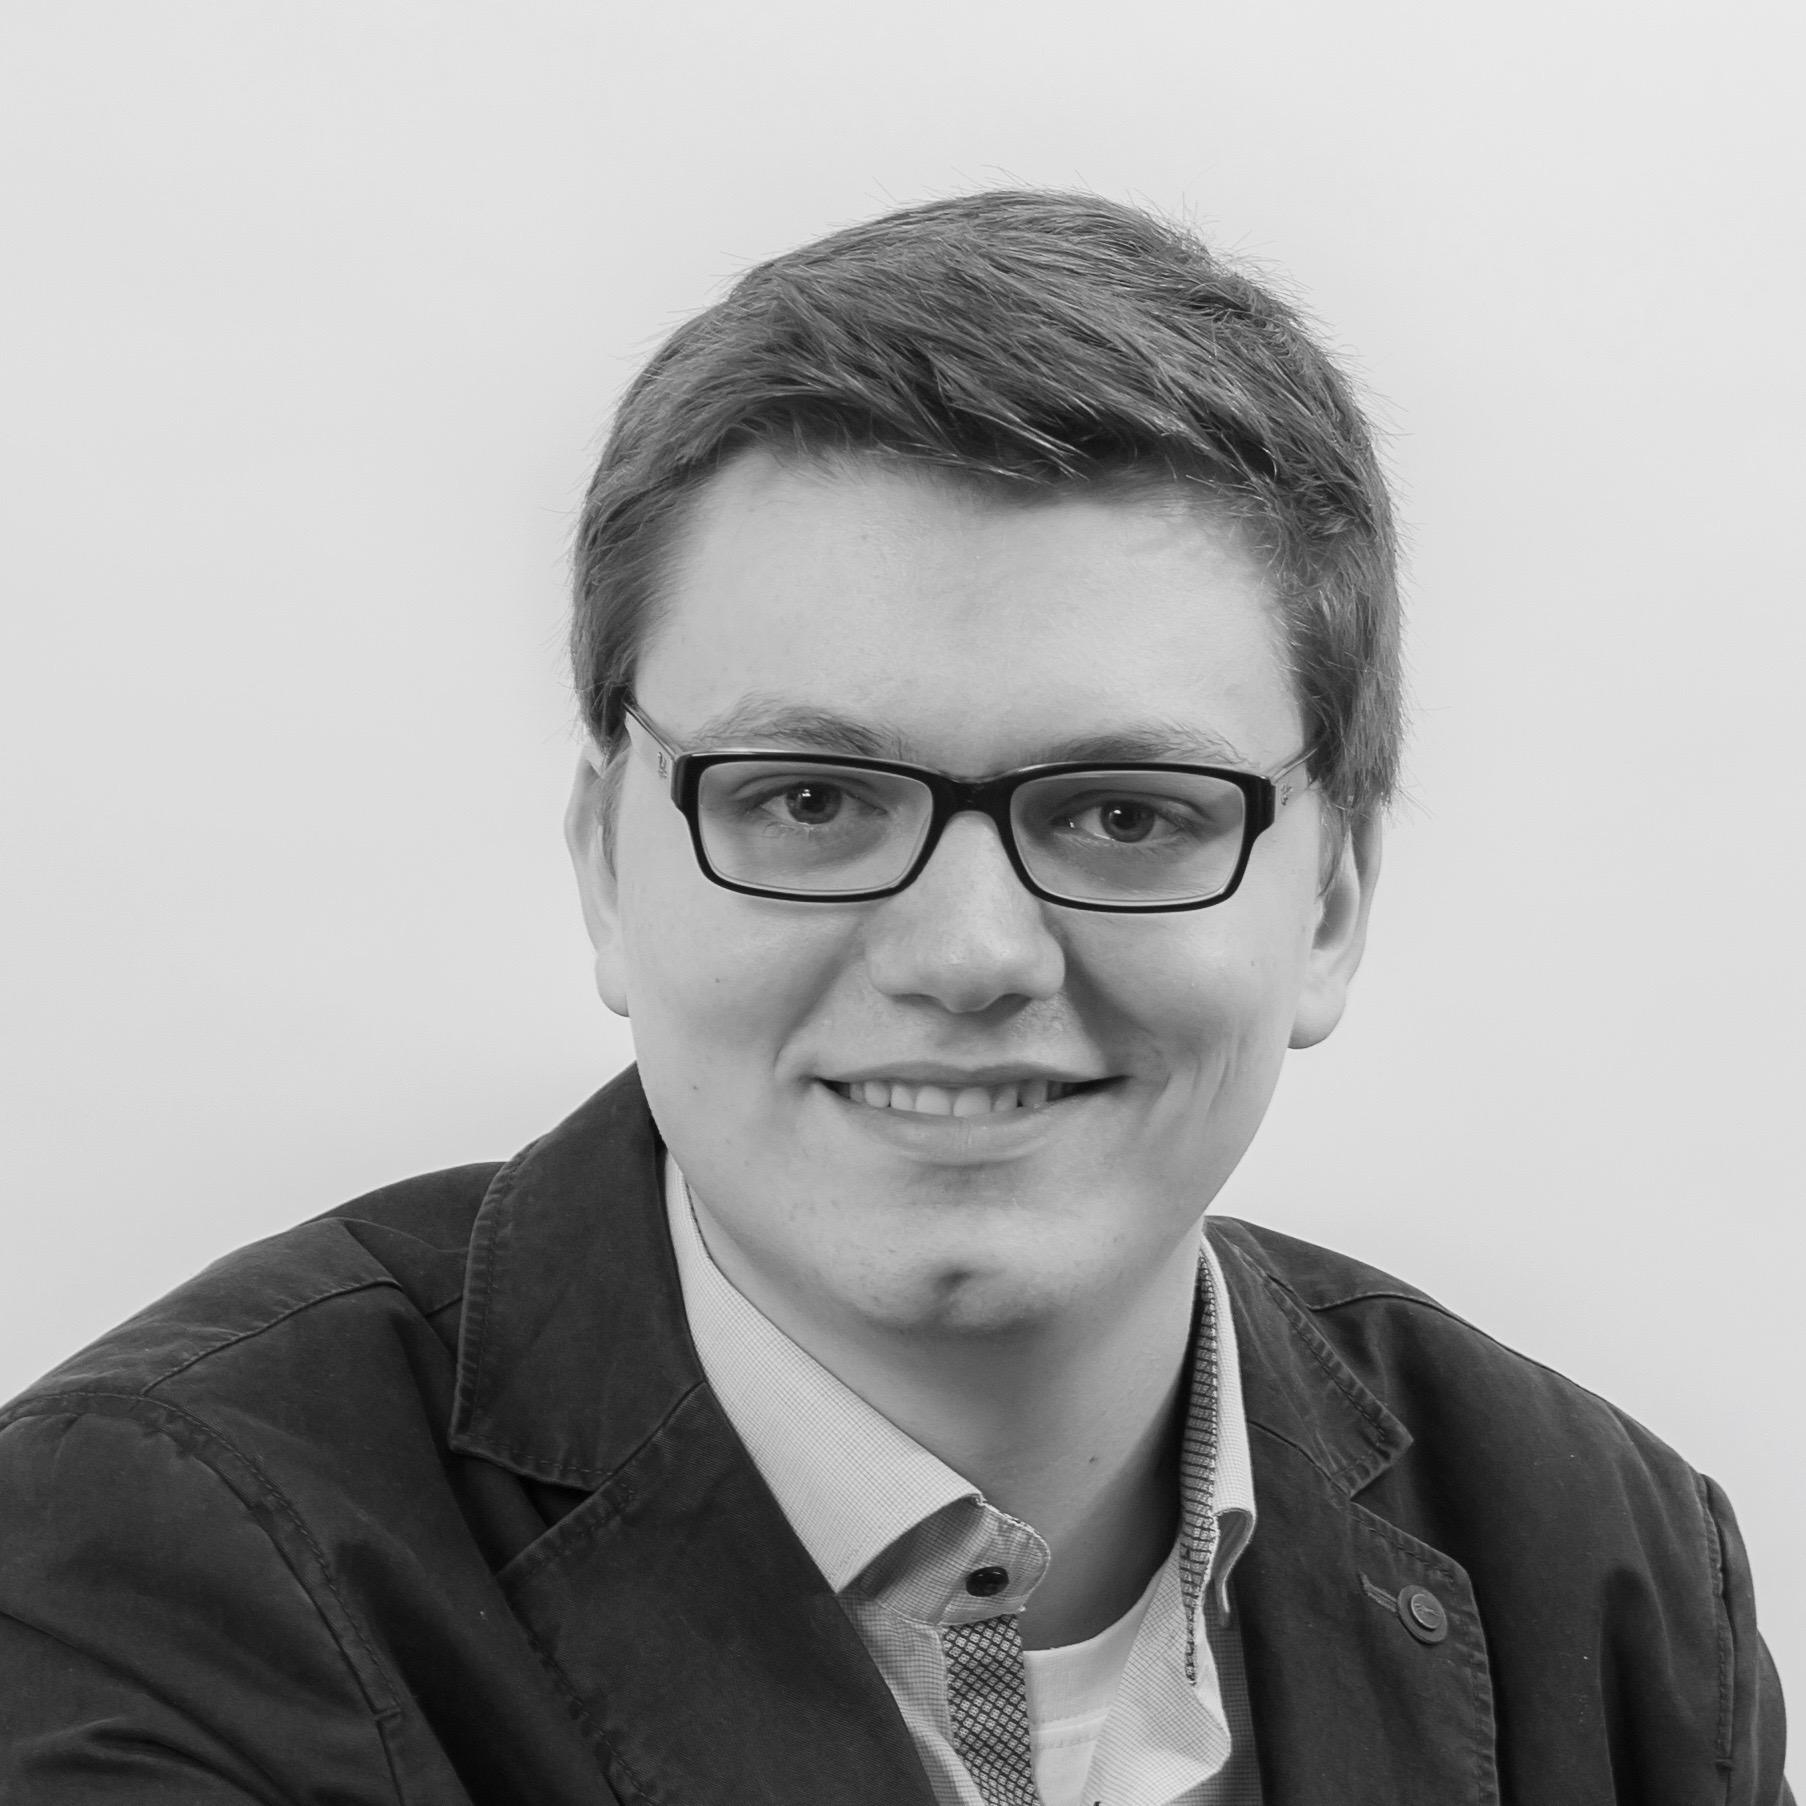 Niklas Hoffmeier